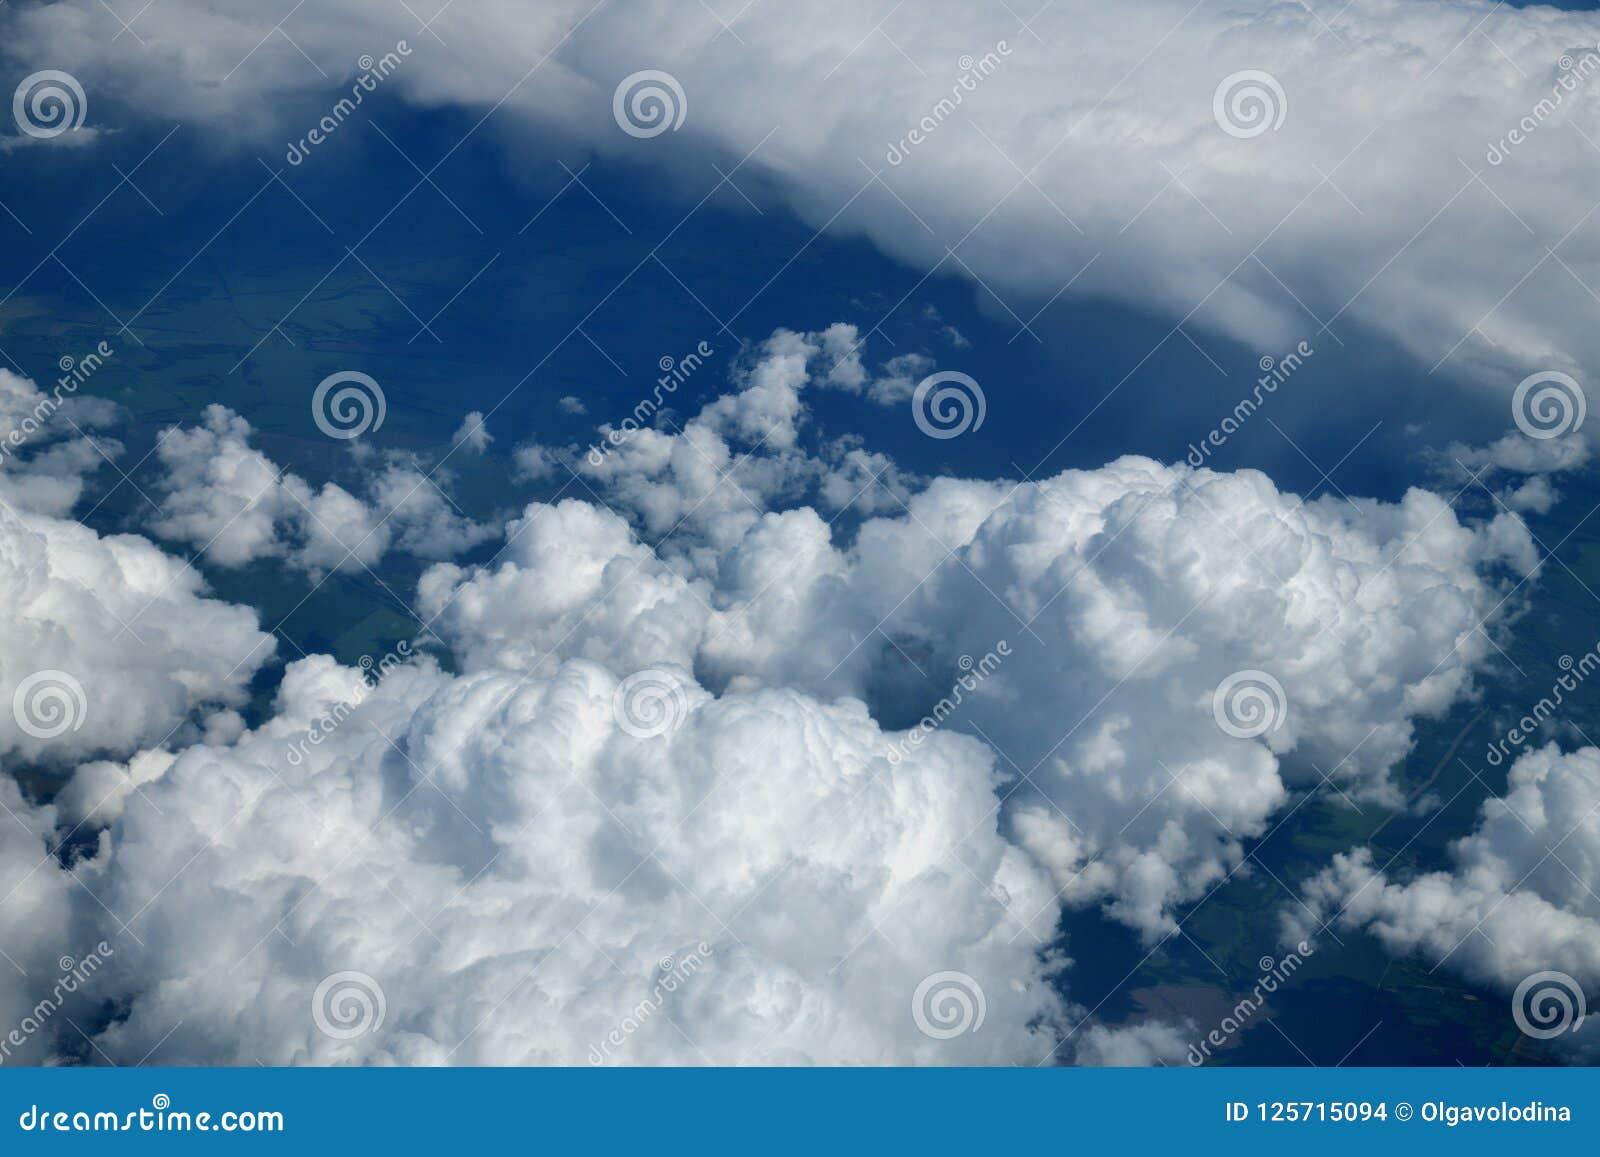 Veja das nuvens de cúmulo de cima de